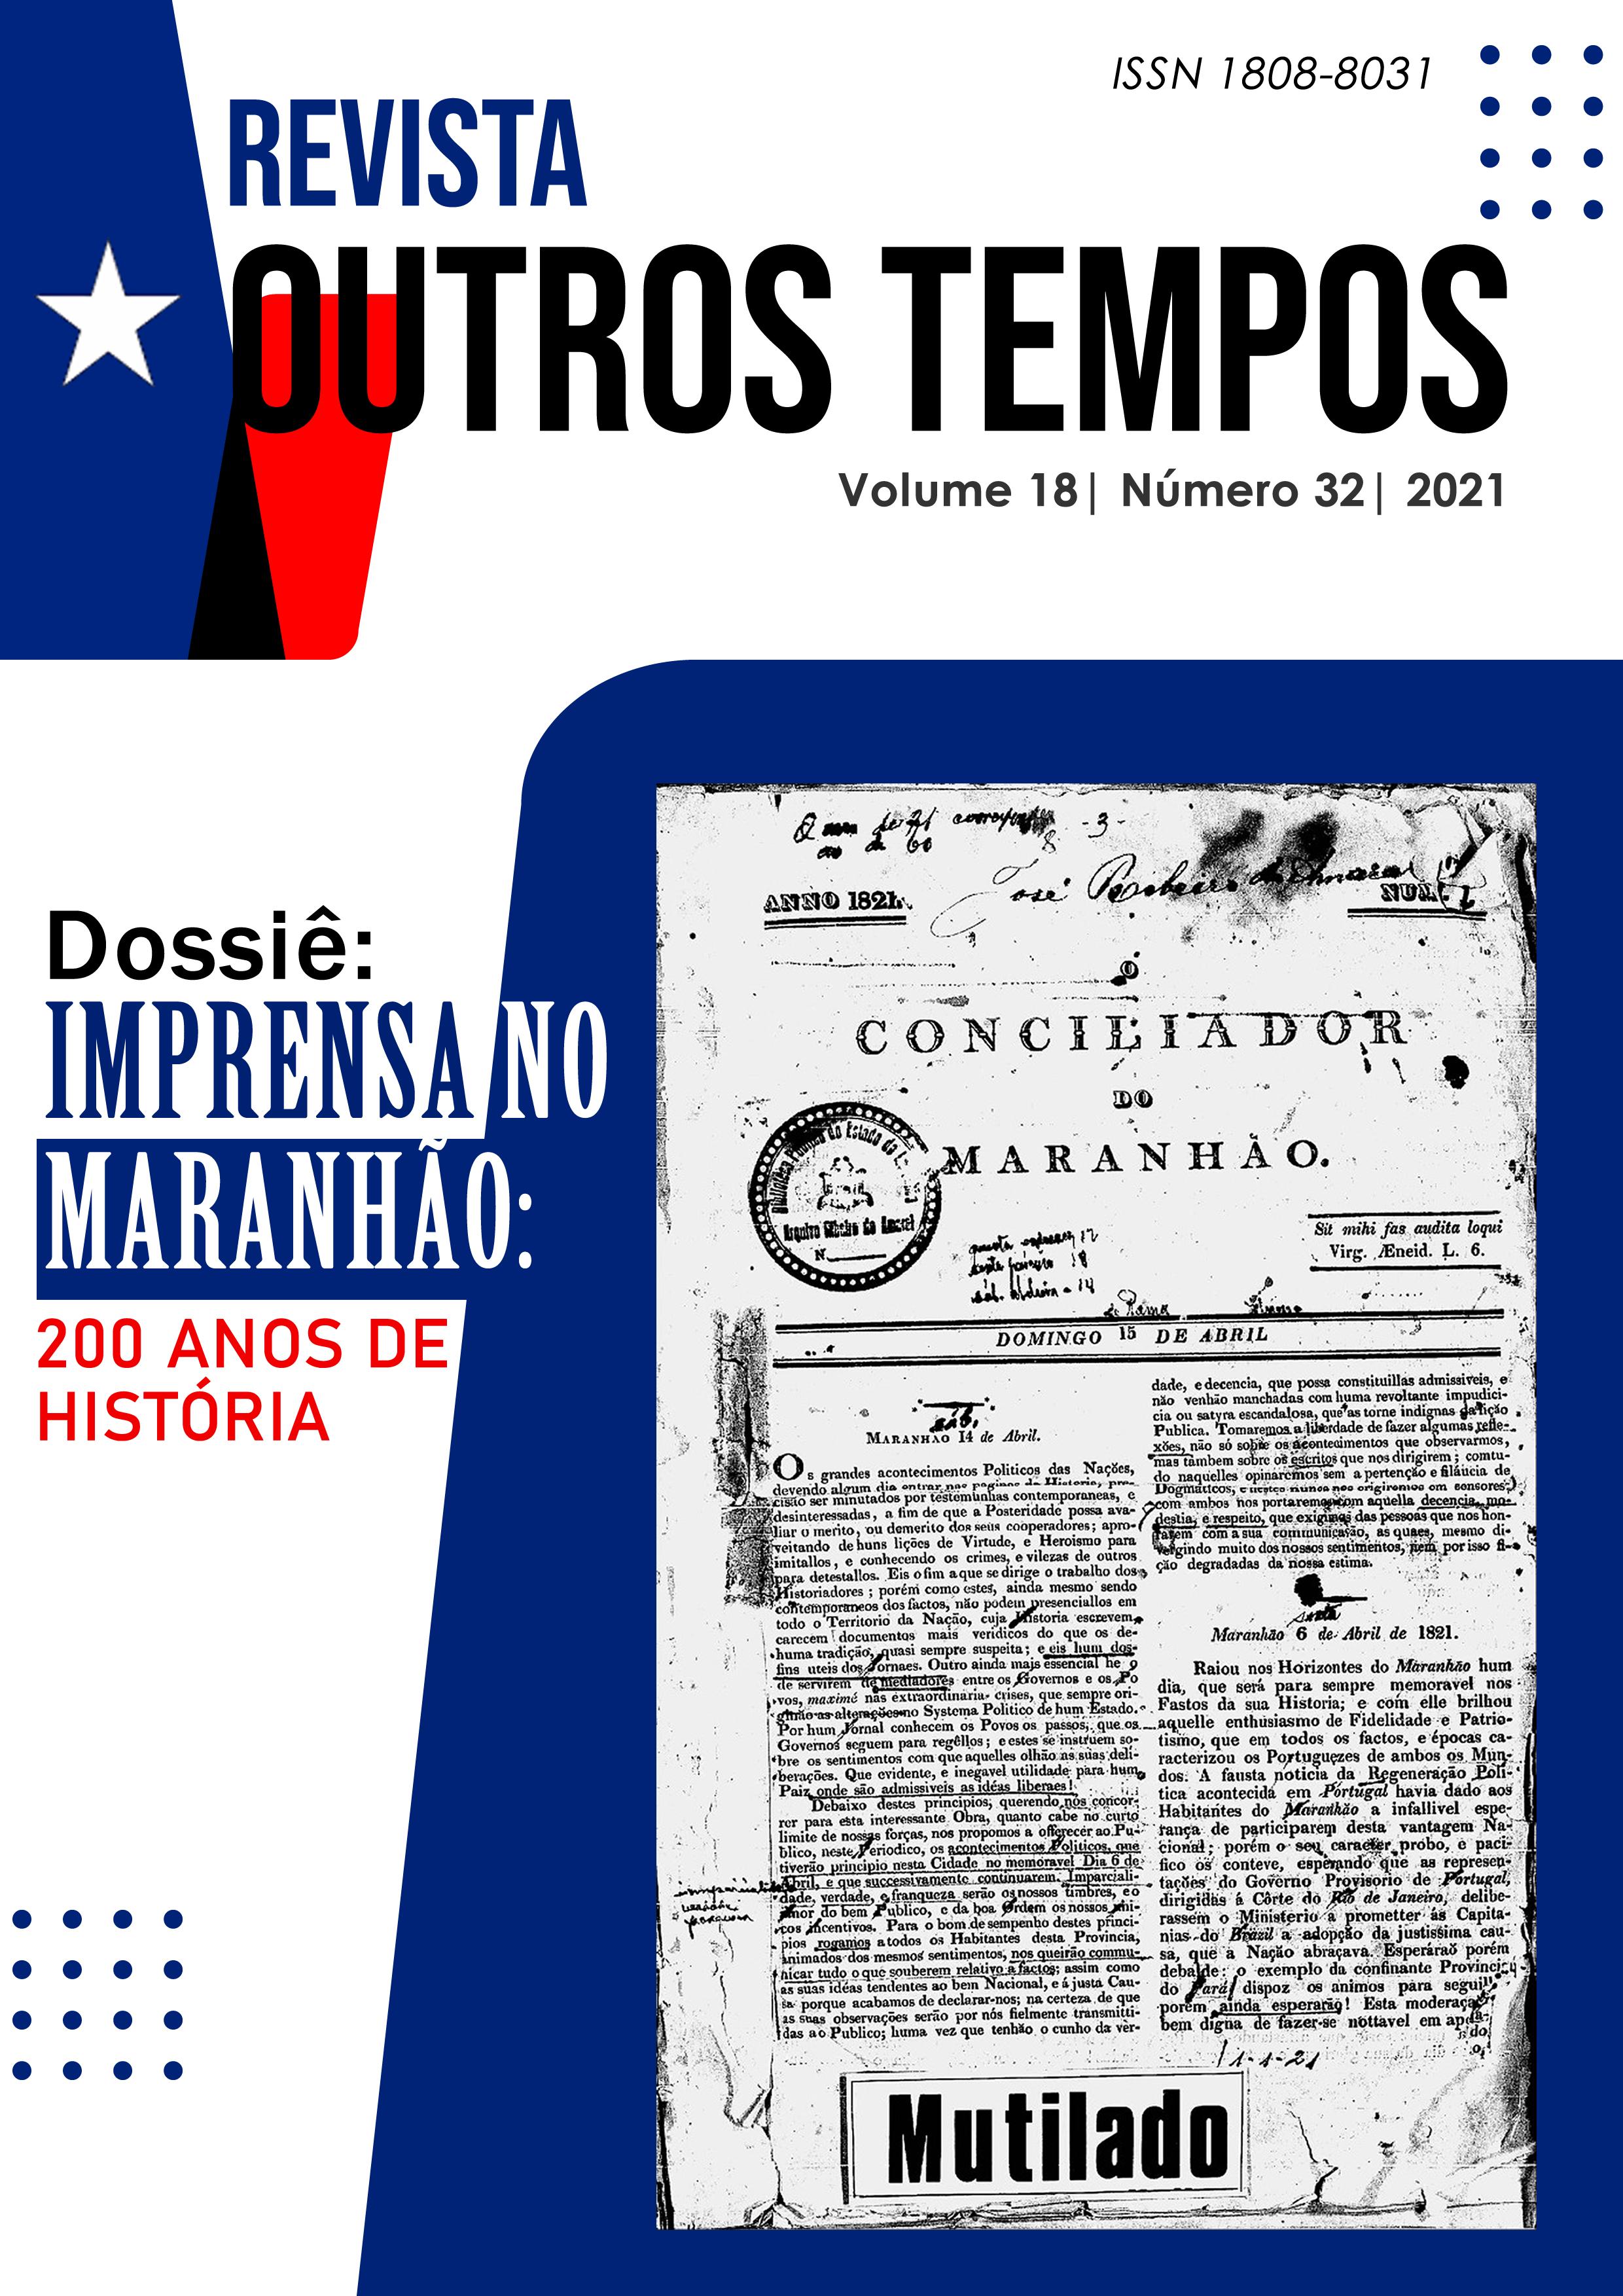 Visualizar v. 18 n. 32 (2021): DOSSIÊ - Imprensa no Maranhão: 200 anos de história